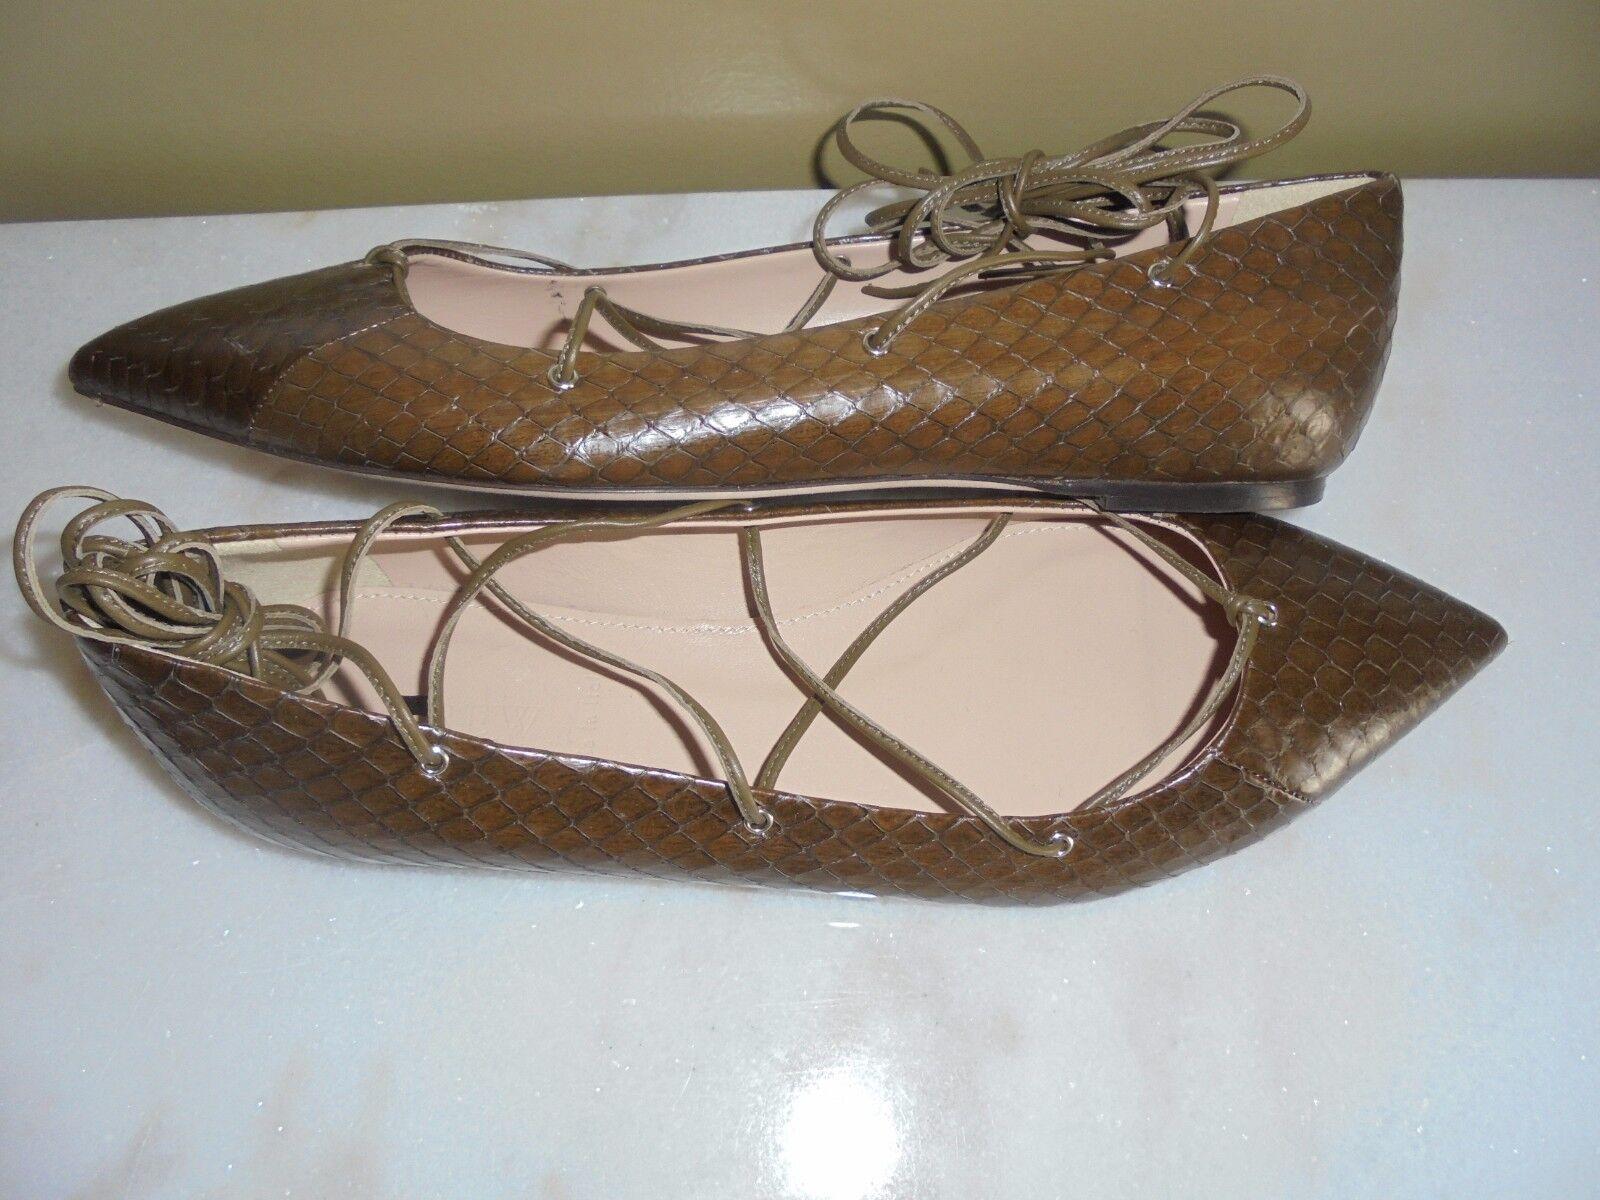 J CREW COLLECTION peau de serpent Lace Up flats chaussures 9.5 objet  E0763 retair  300